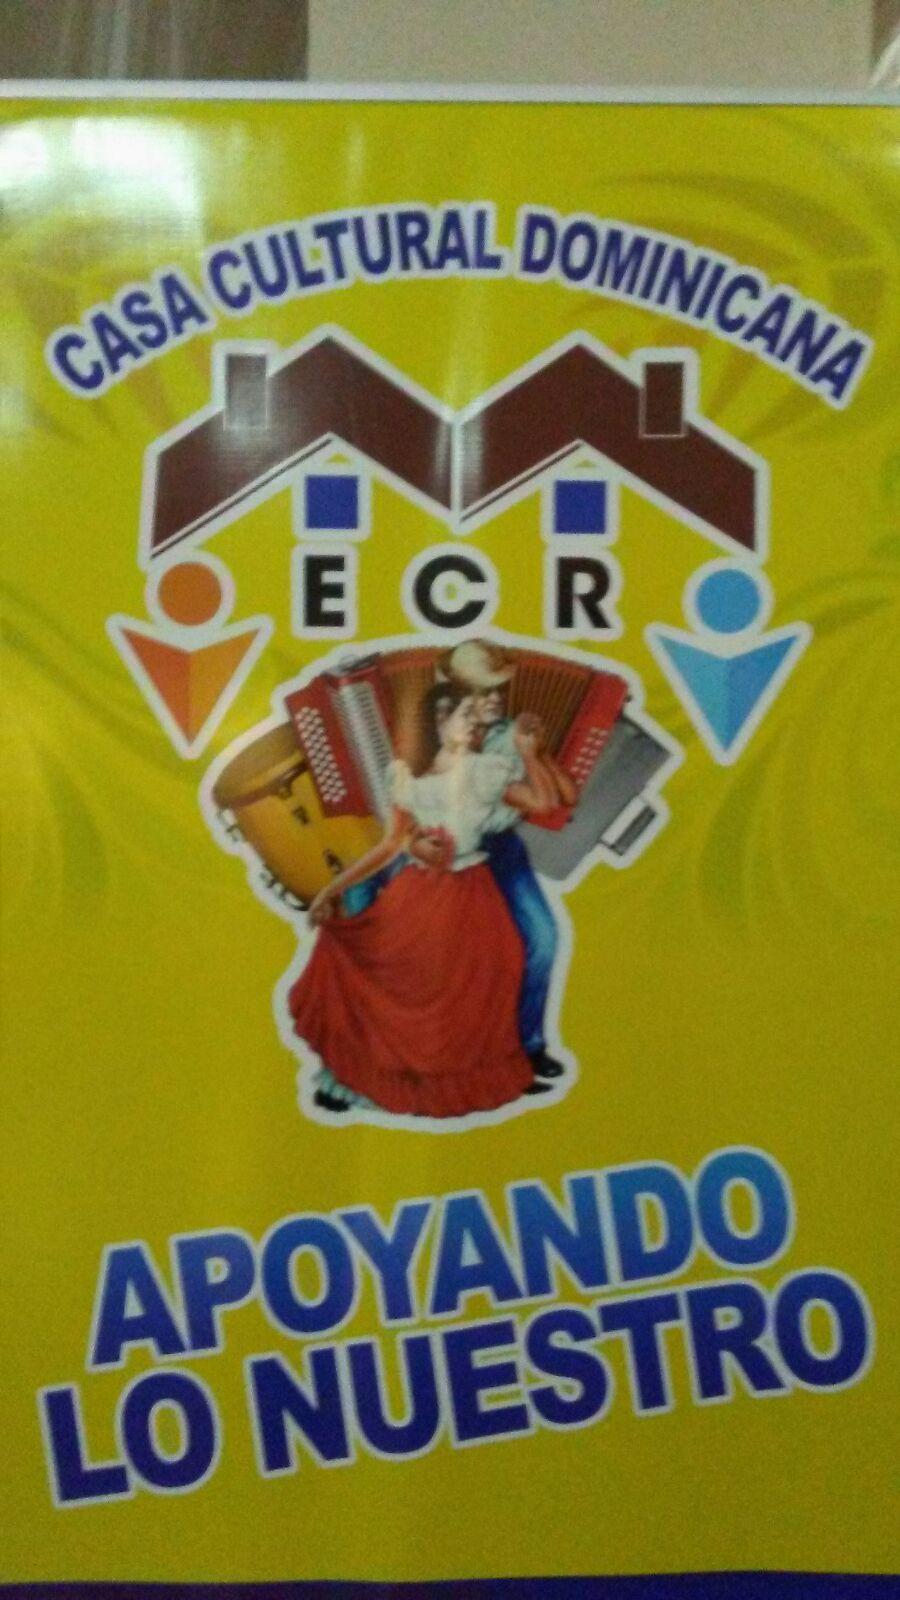 Abre En El Bronx La Casa Cultural Dominicana